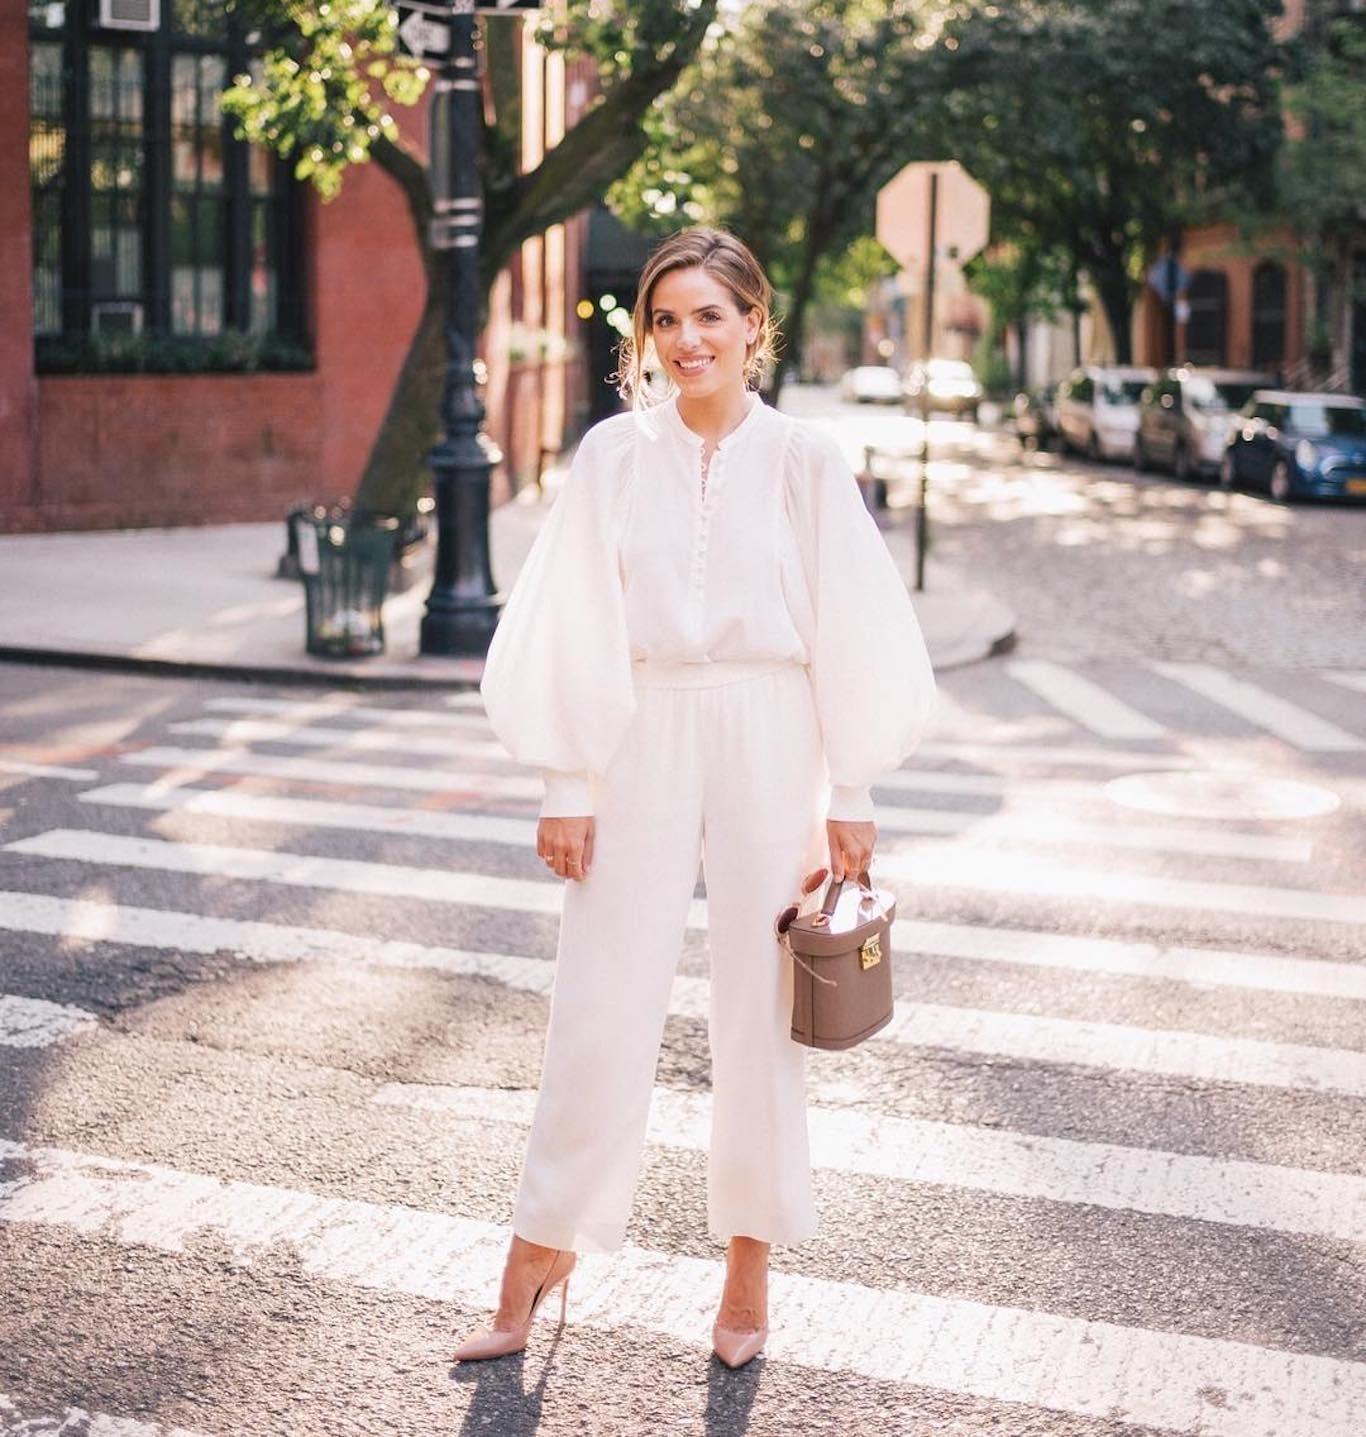 d9ccef5cf Los total looks en blanco arrasan en el street style: 25 prendas ...